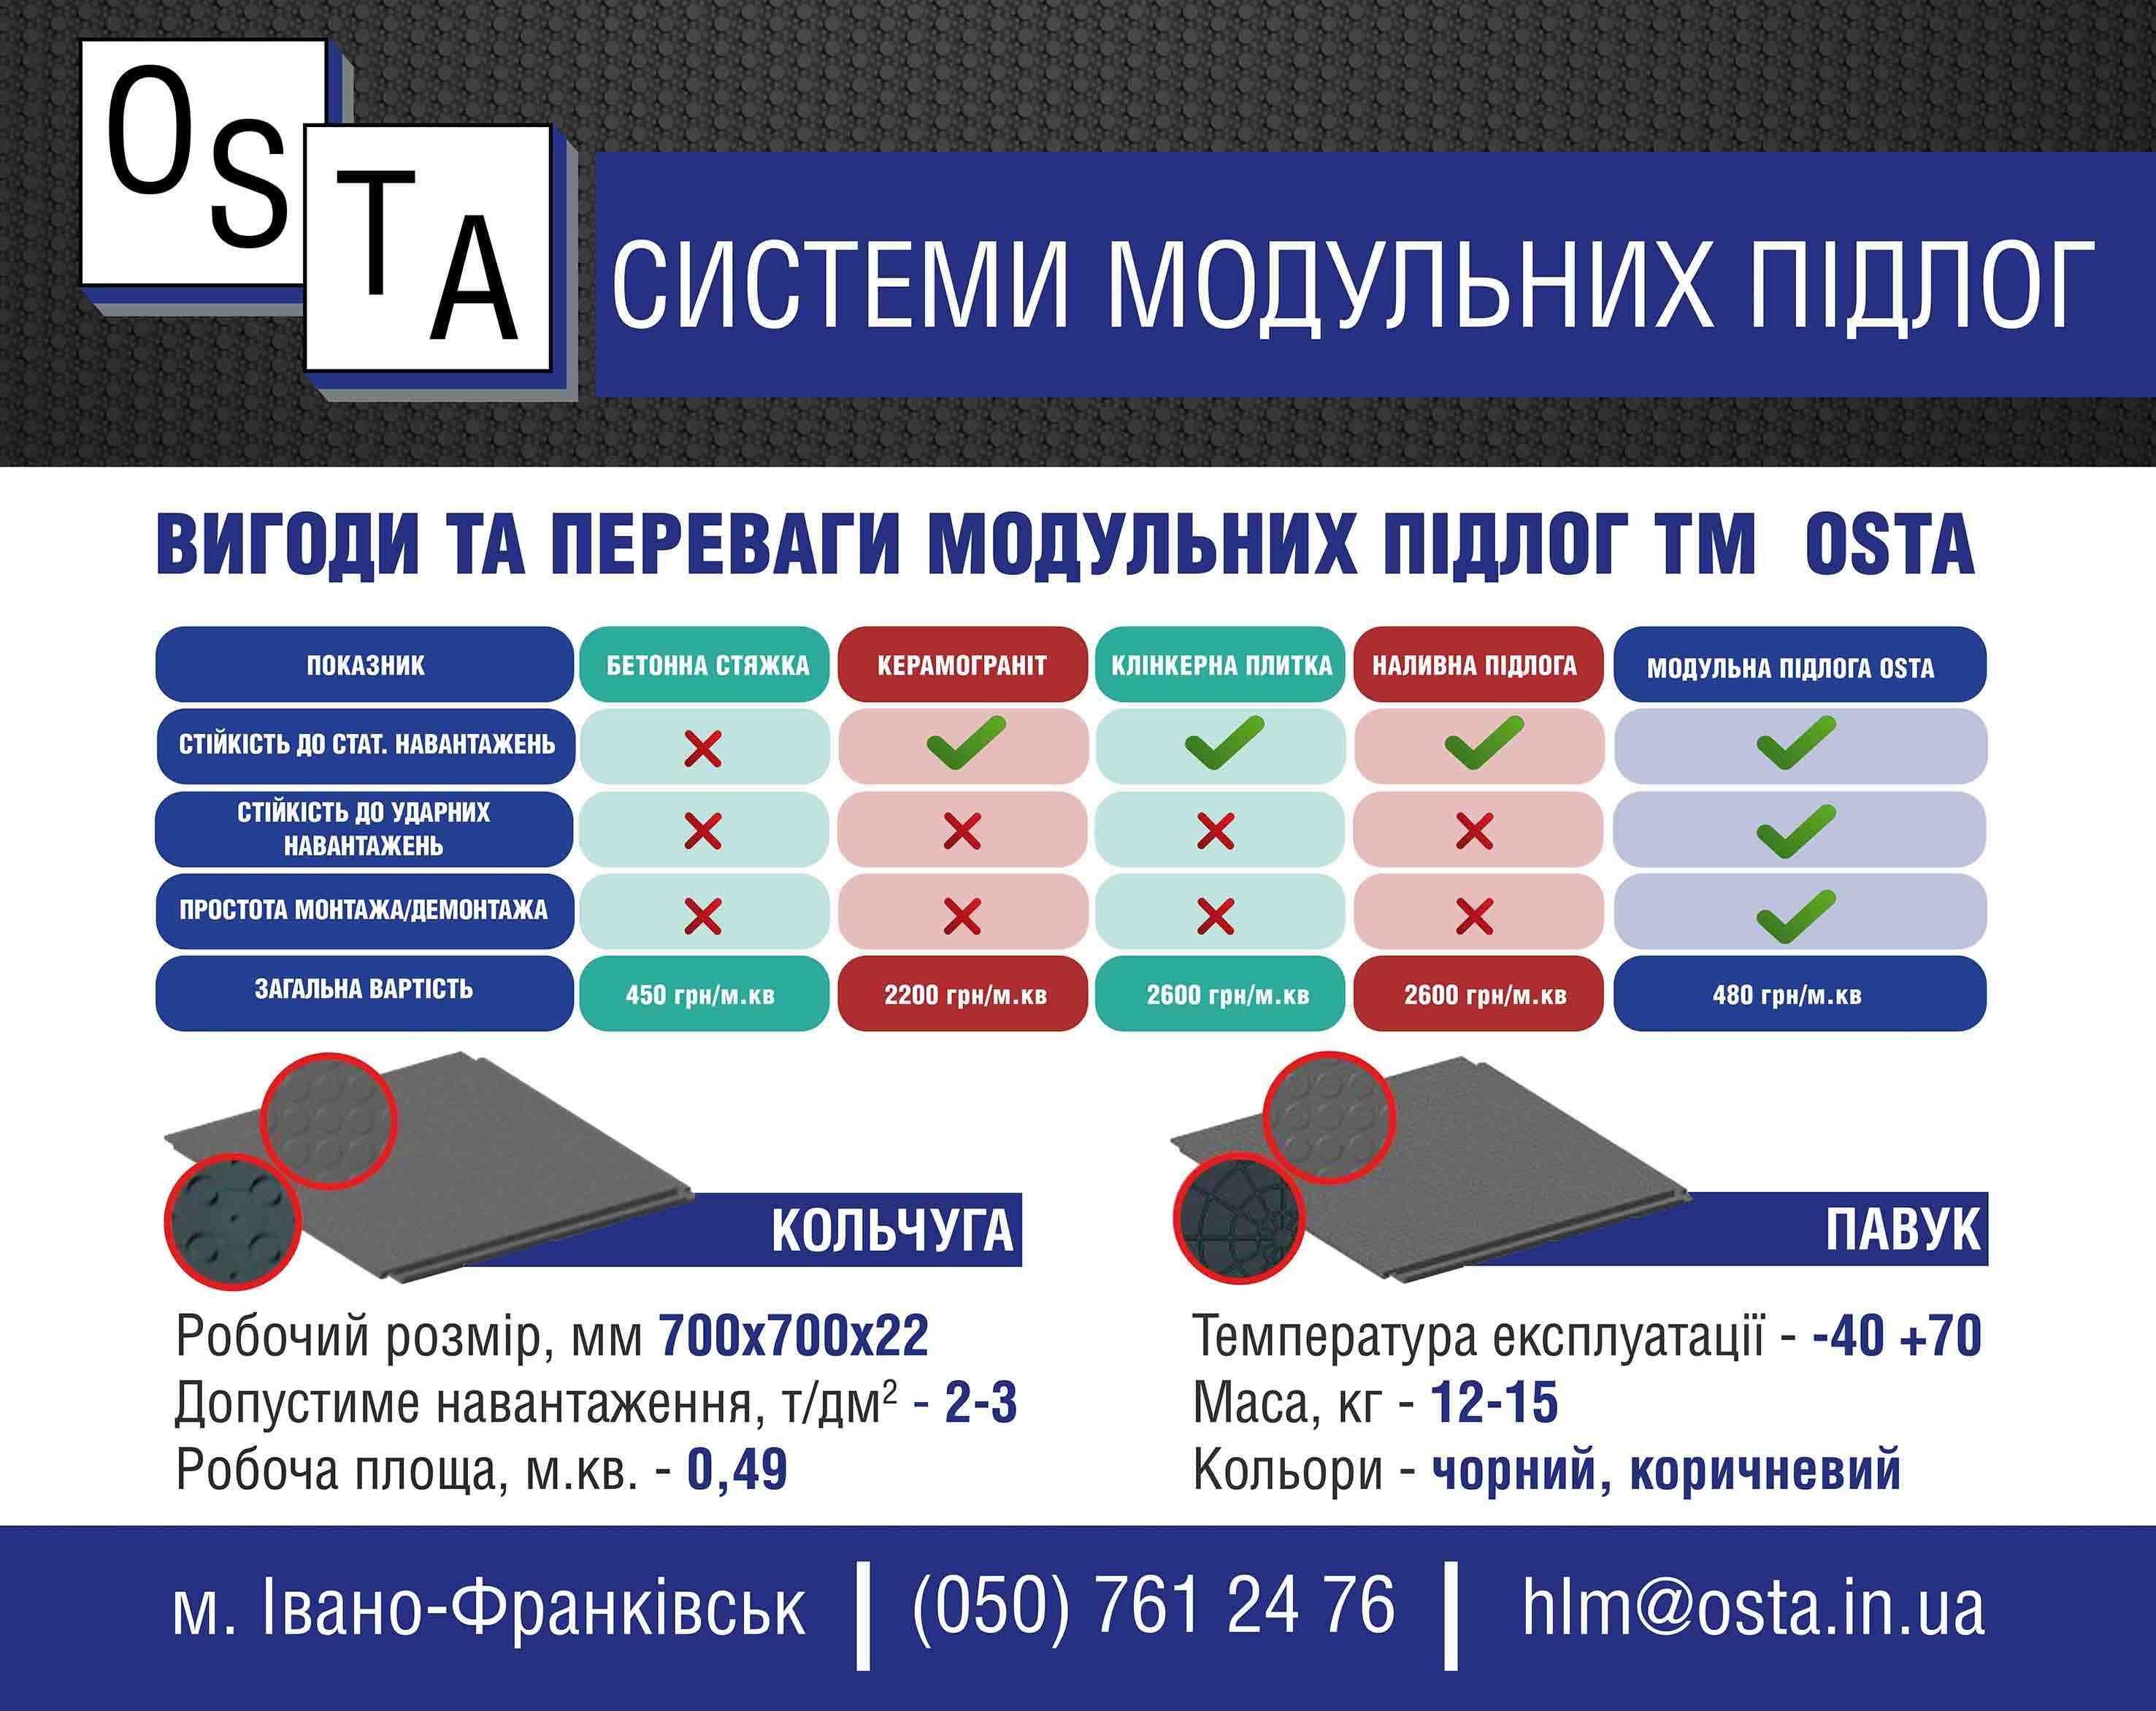 Система Модульної підлоги з ПВХ до 20 т, зображення 1